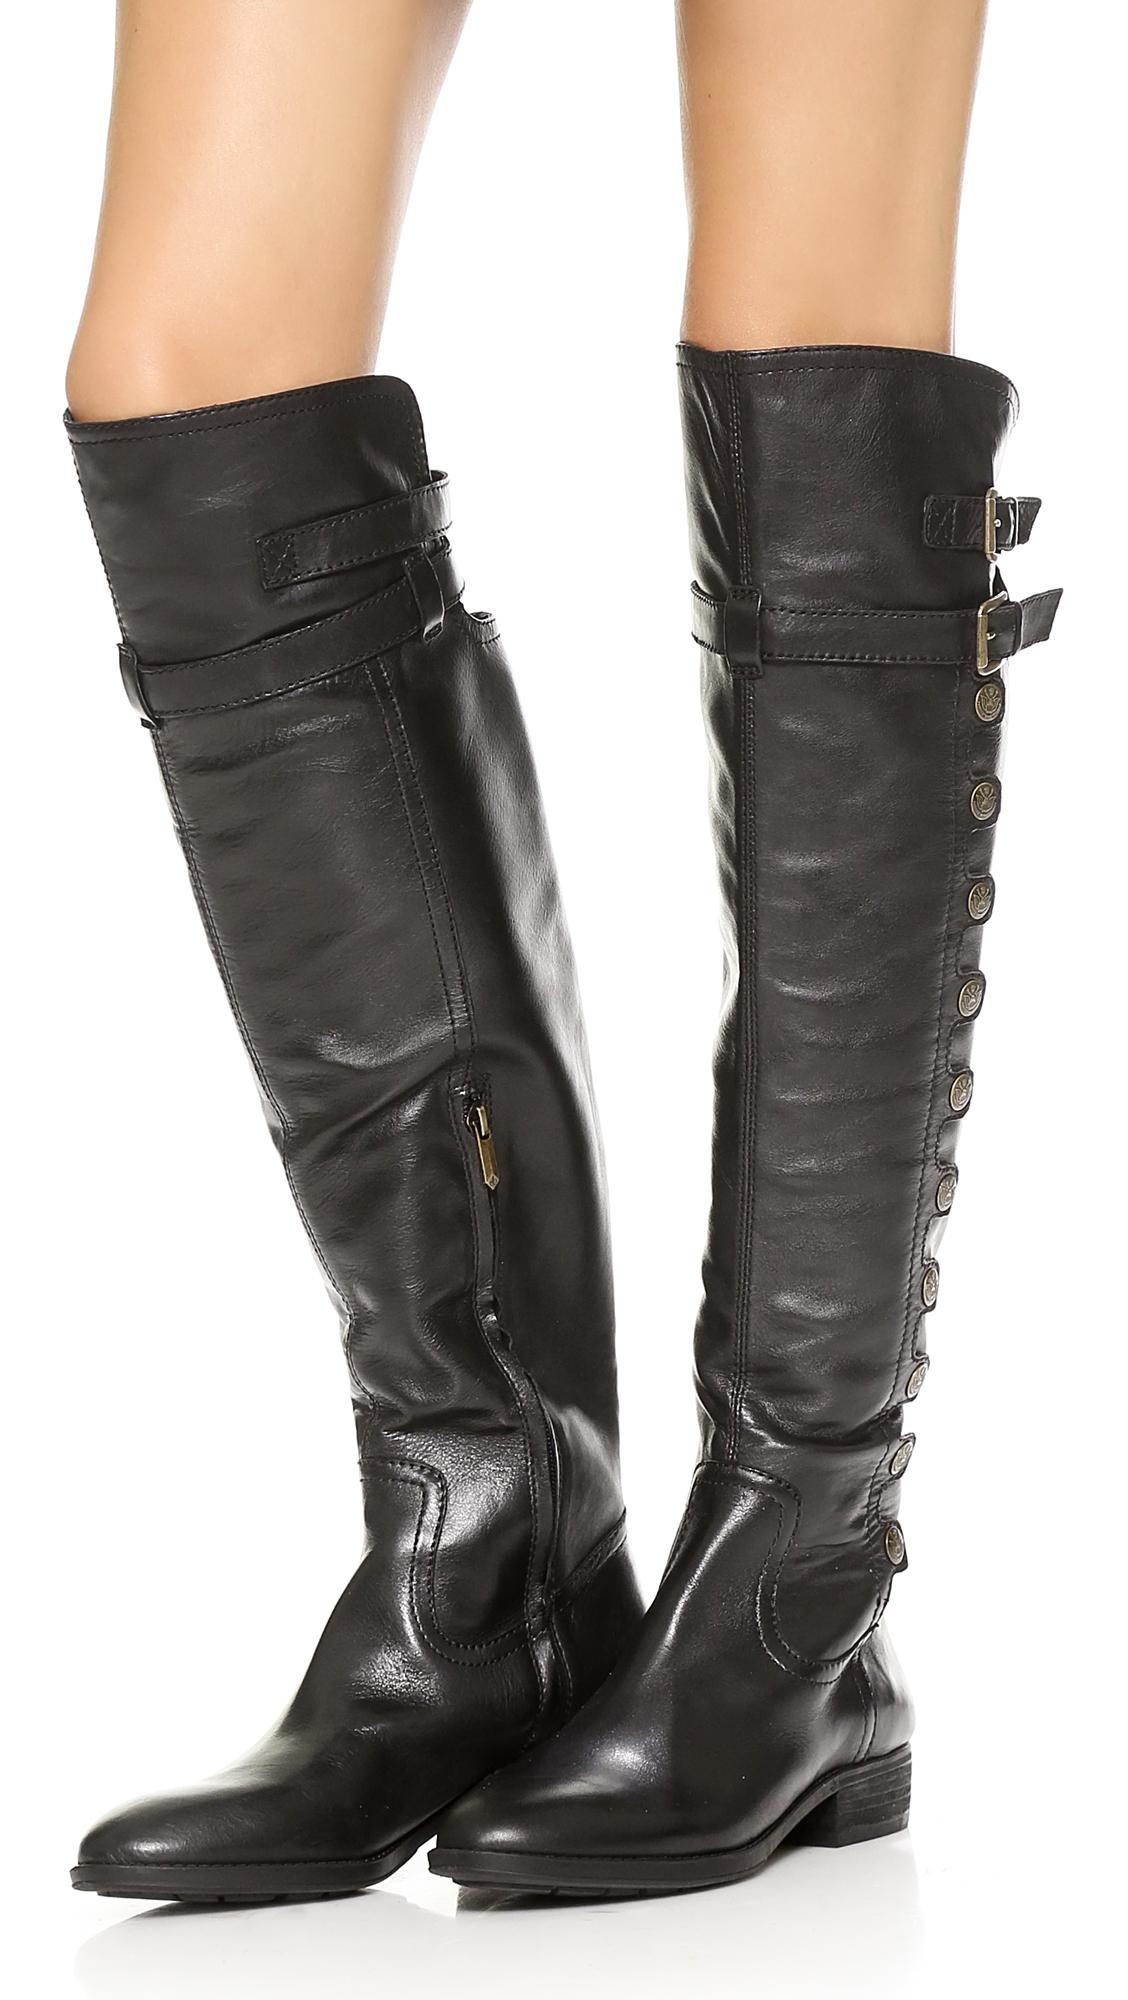 5f6e4fc84e6 Sam Edelman Pierce Over The Knee Button Boots Black in Black - Lyst